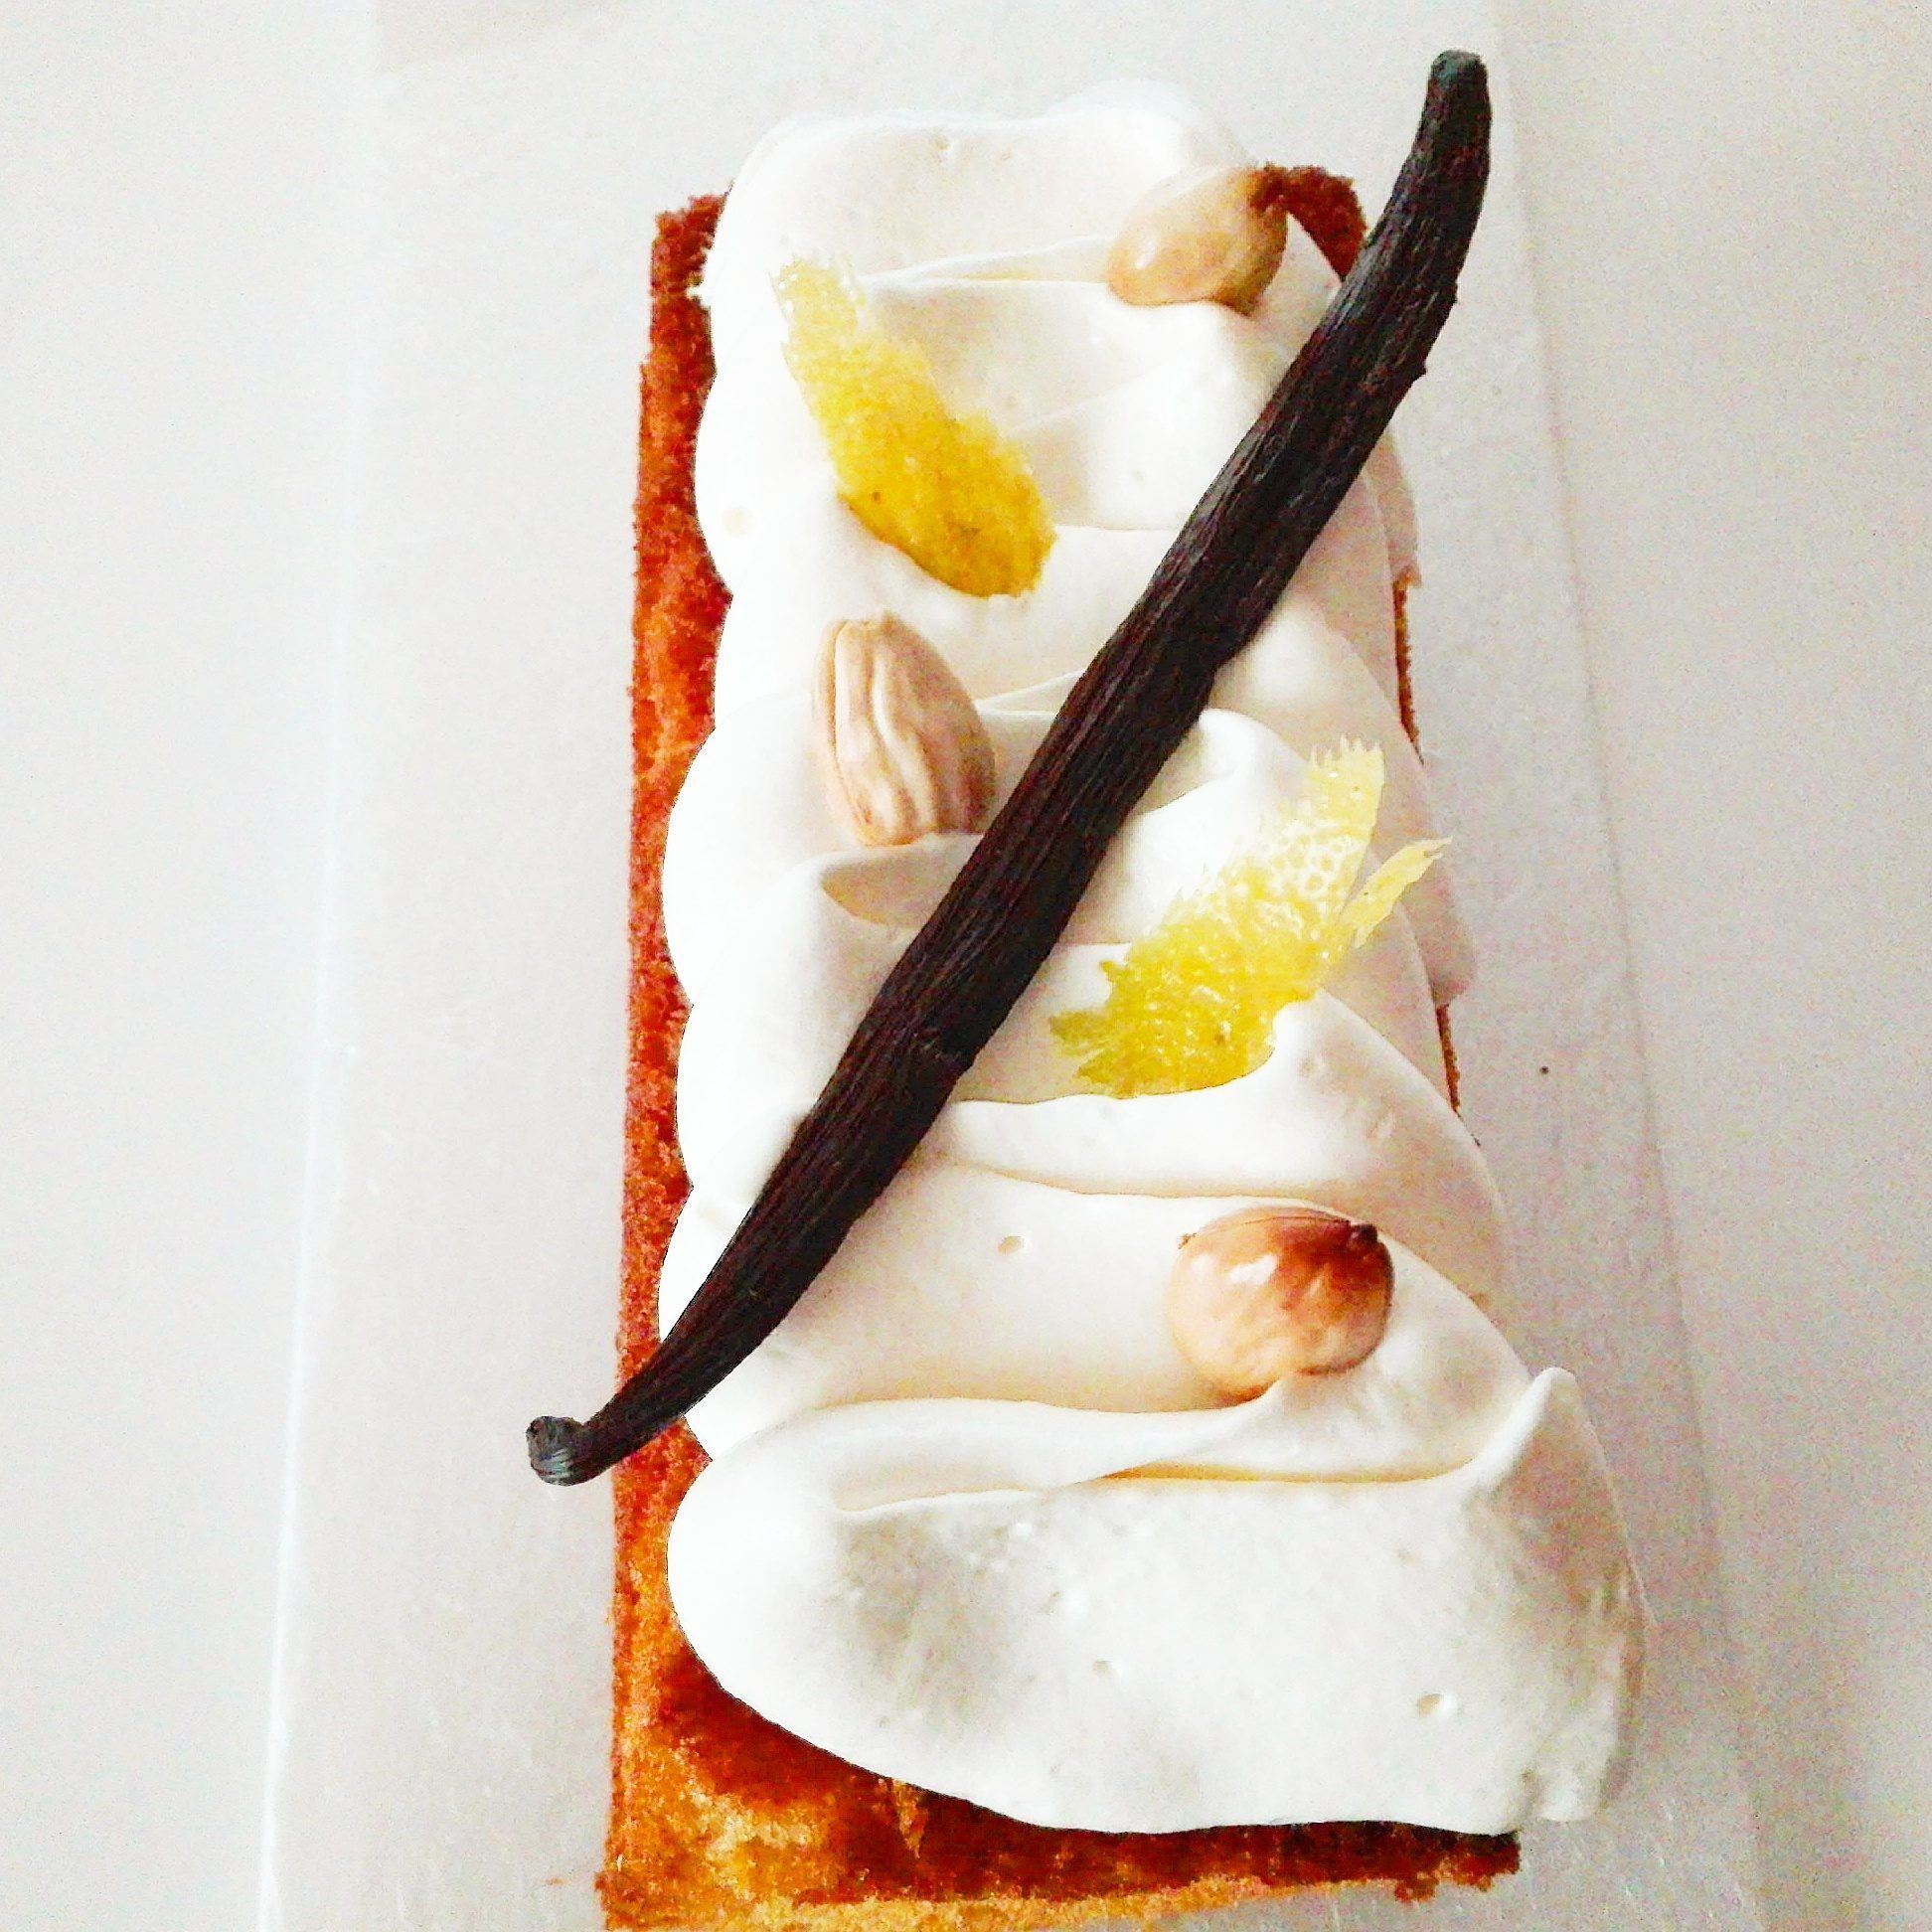 immagine del plumcake al limone su biancolievito